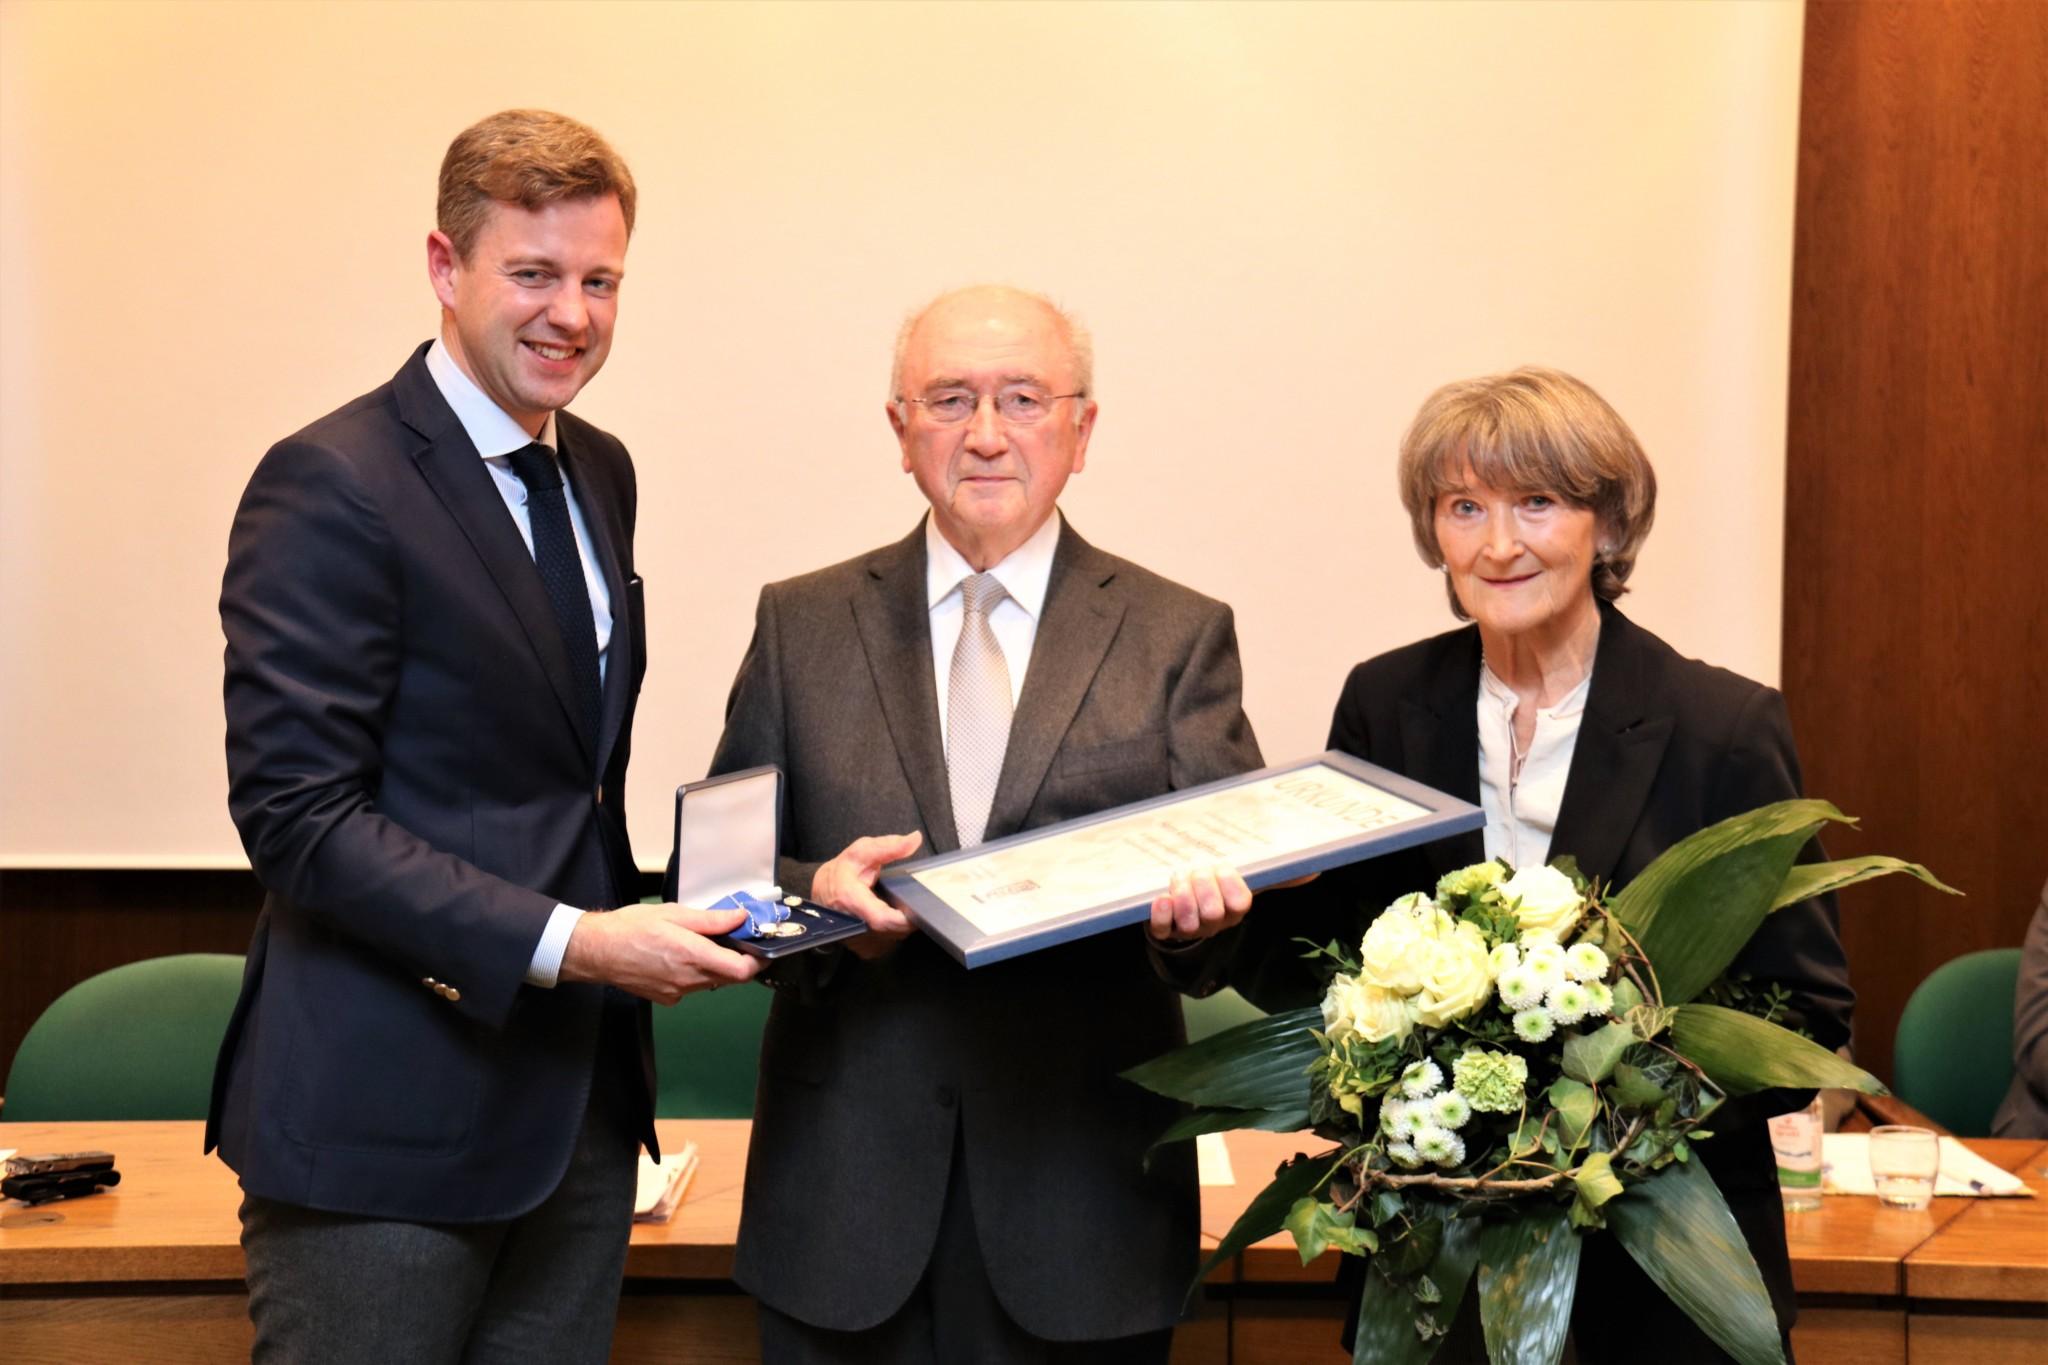 Hat in vielen Ausschüssen mitgewirkt. Seit 1984 ist Armin Hoffmann, hier mit Ehefrau Ilse und Landrat Dr. Bär, im Hofer Kreistag aktiv.